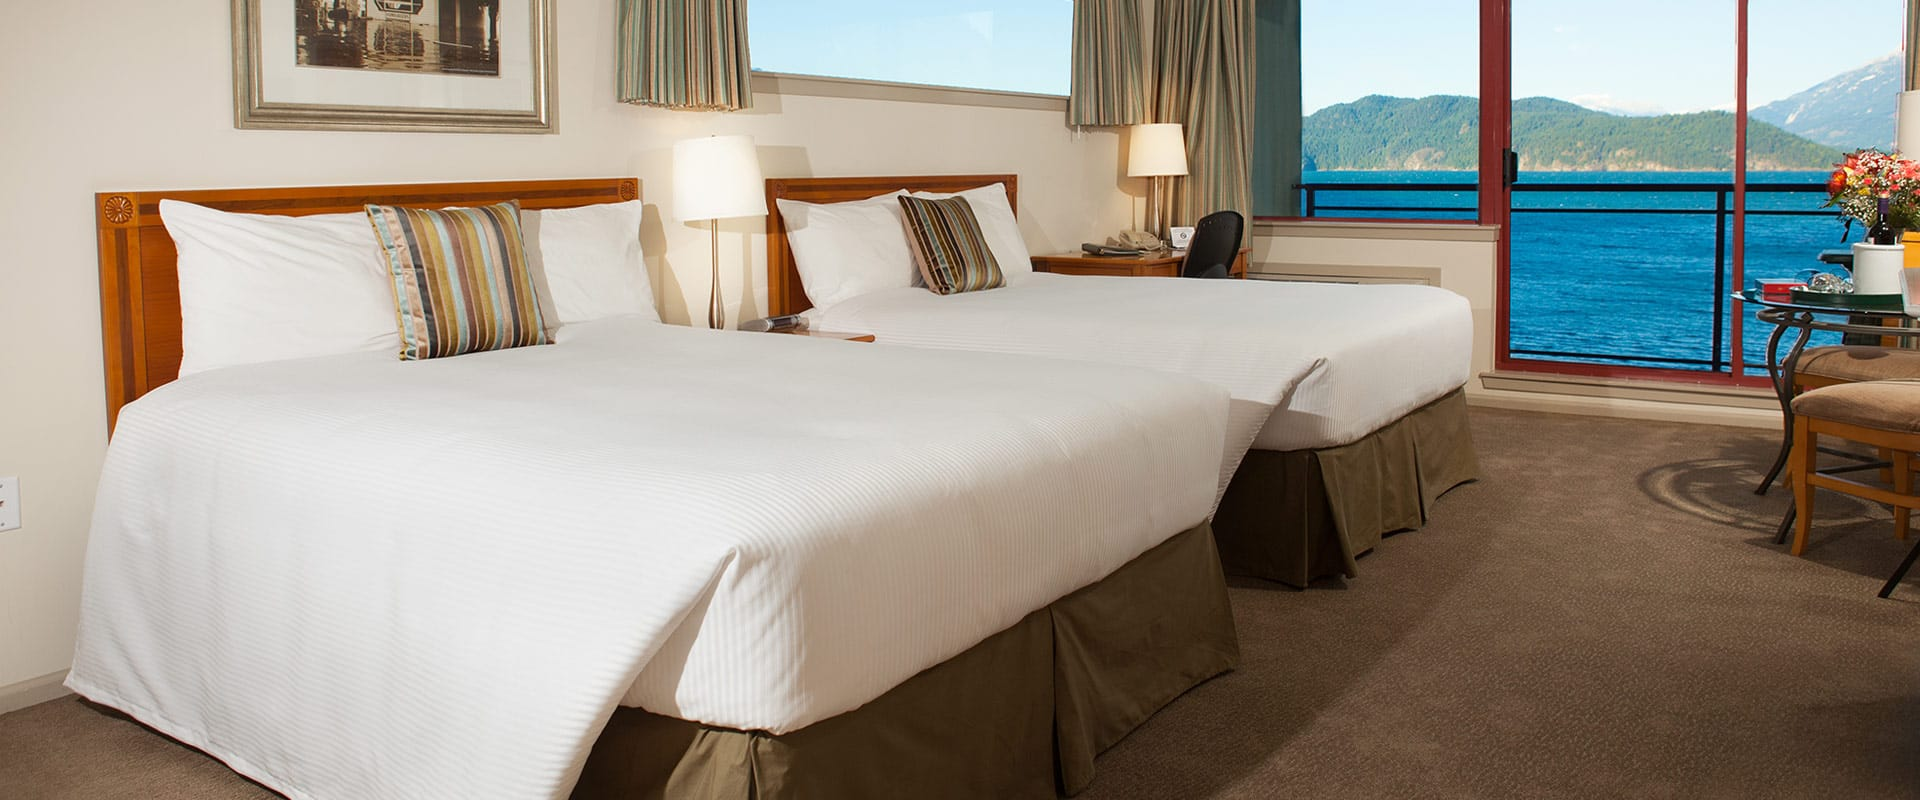 deluxe-guest-room-banner